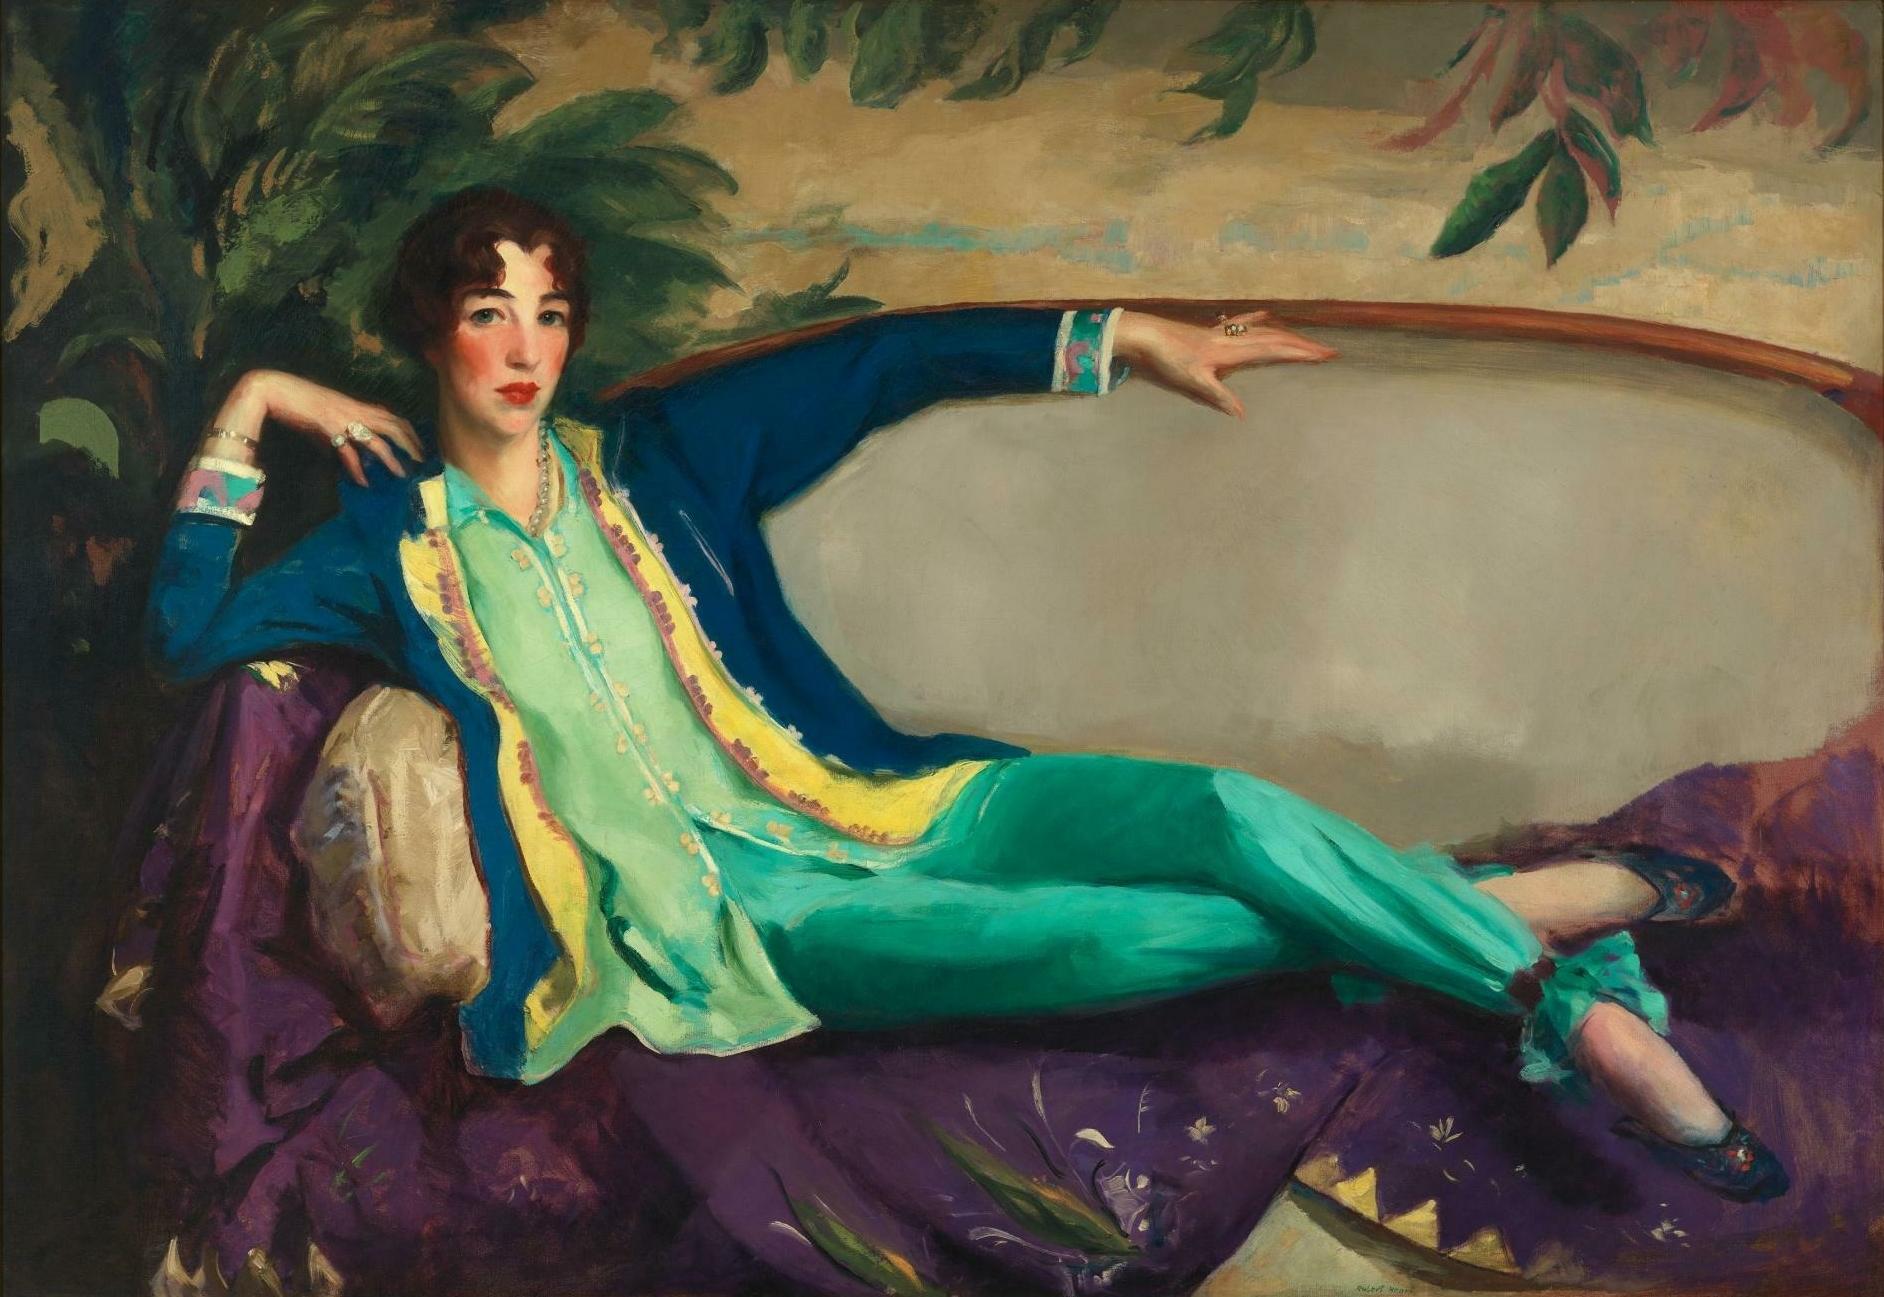 File:Gertrude Vanderbilt Whitney, Henri.jpg